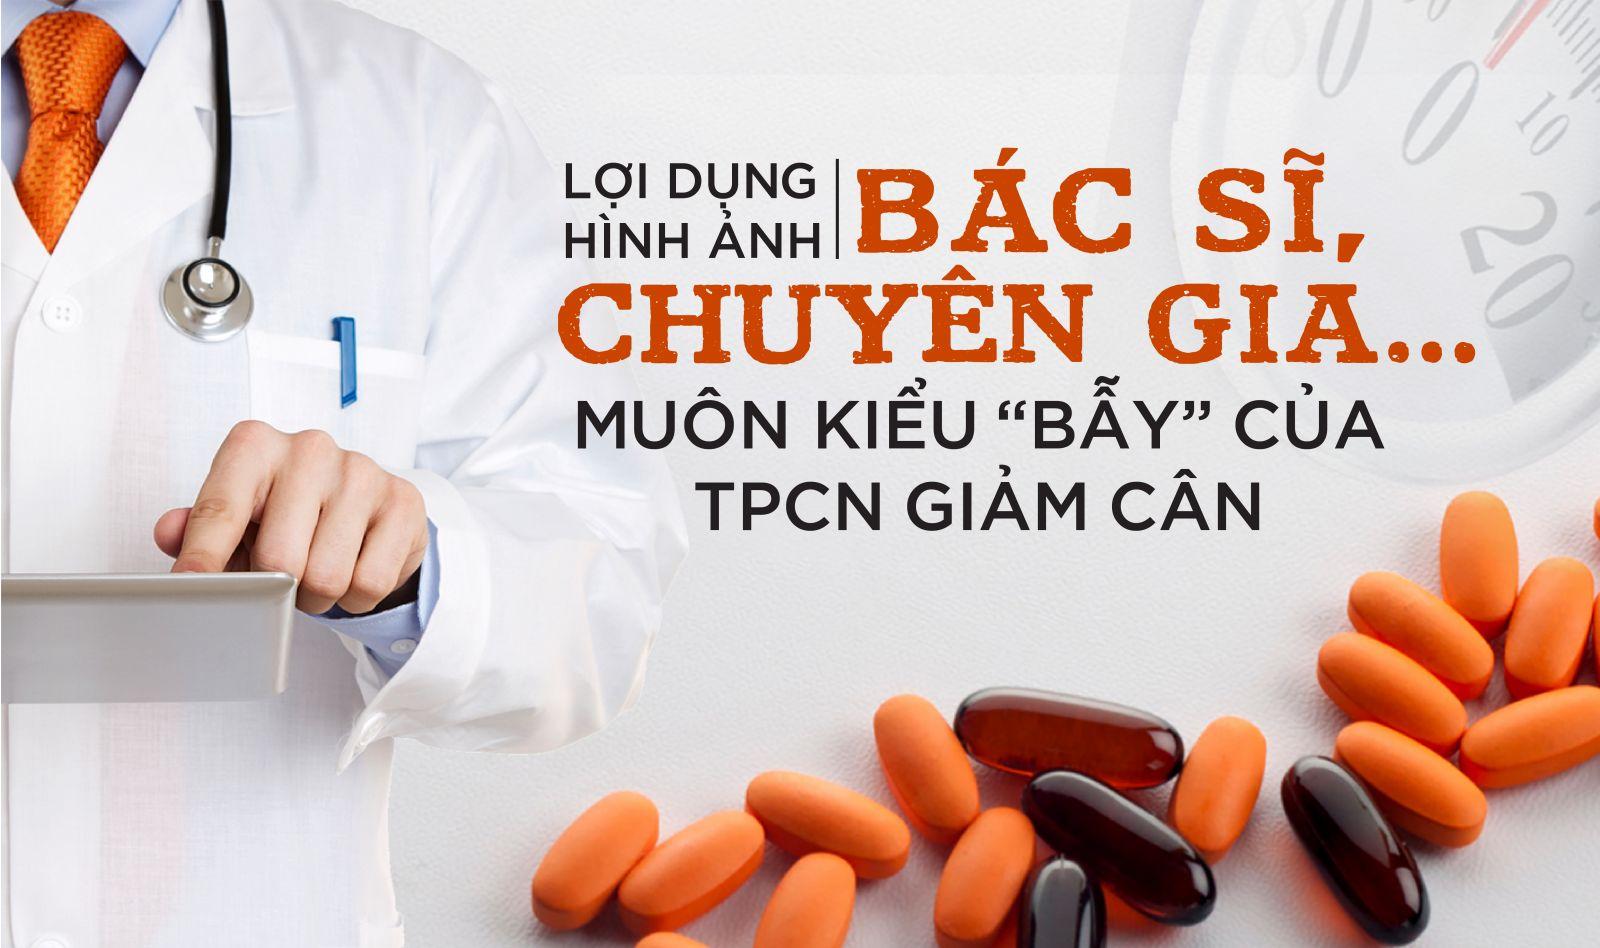 Kỳ 5: Lợi dụng hình ảnh bác sĩ, mở trung tâm tư vấn y khoa để bán TPCN giảm cân?